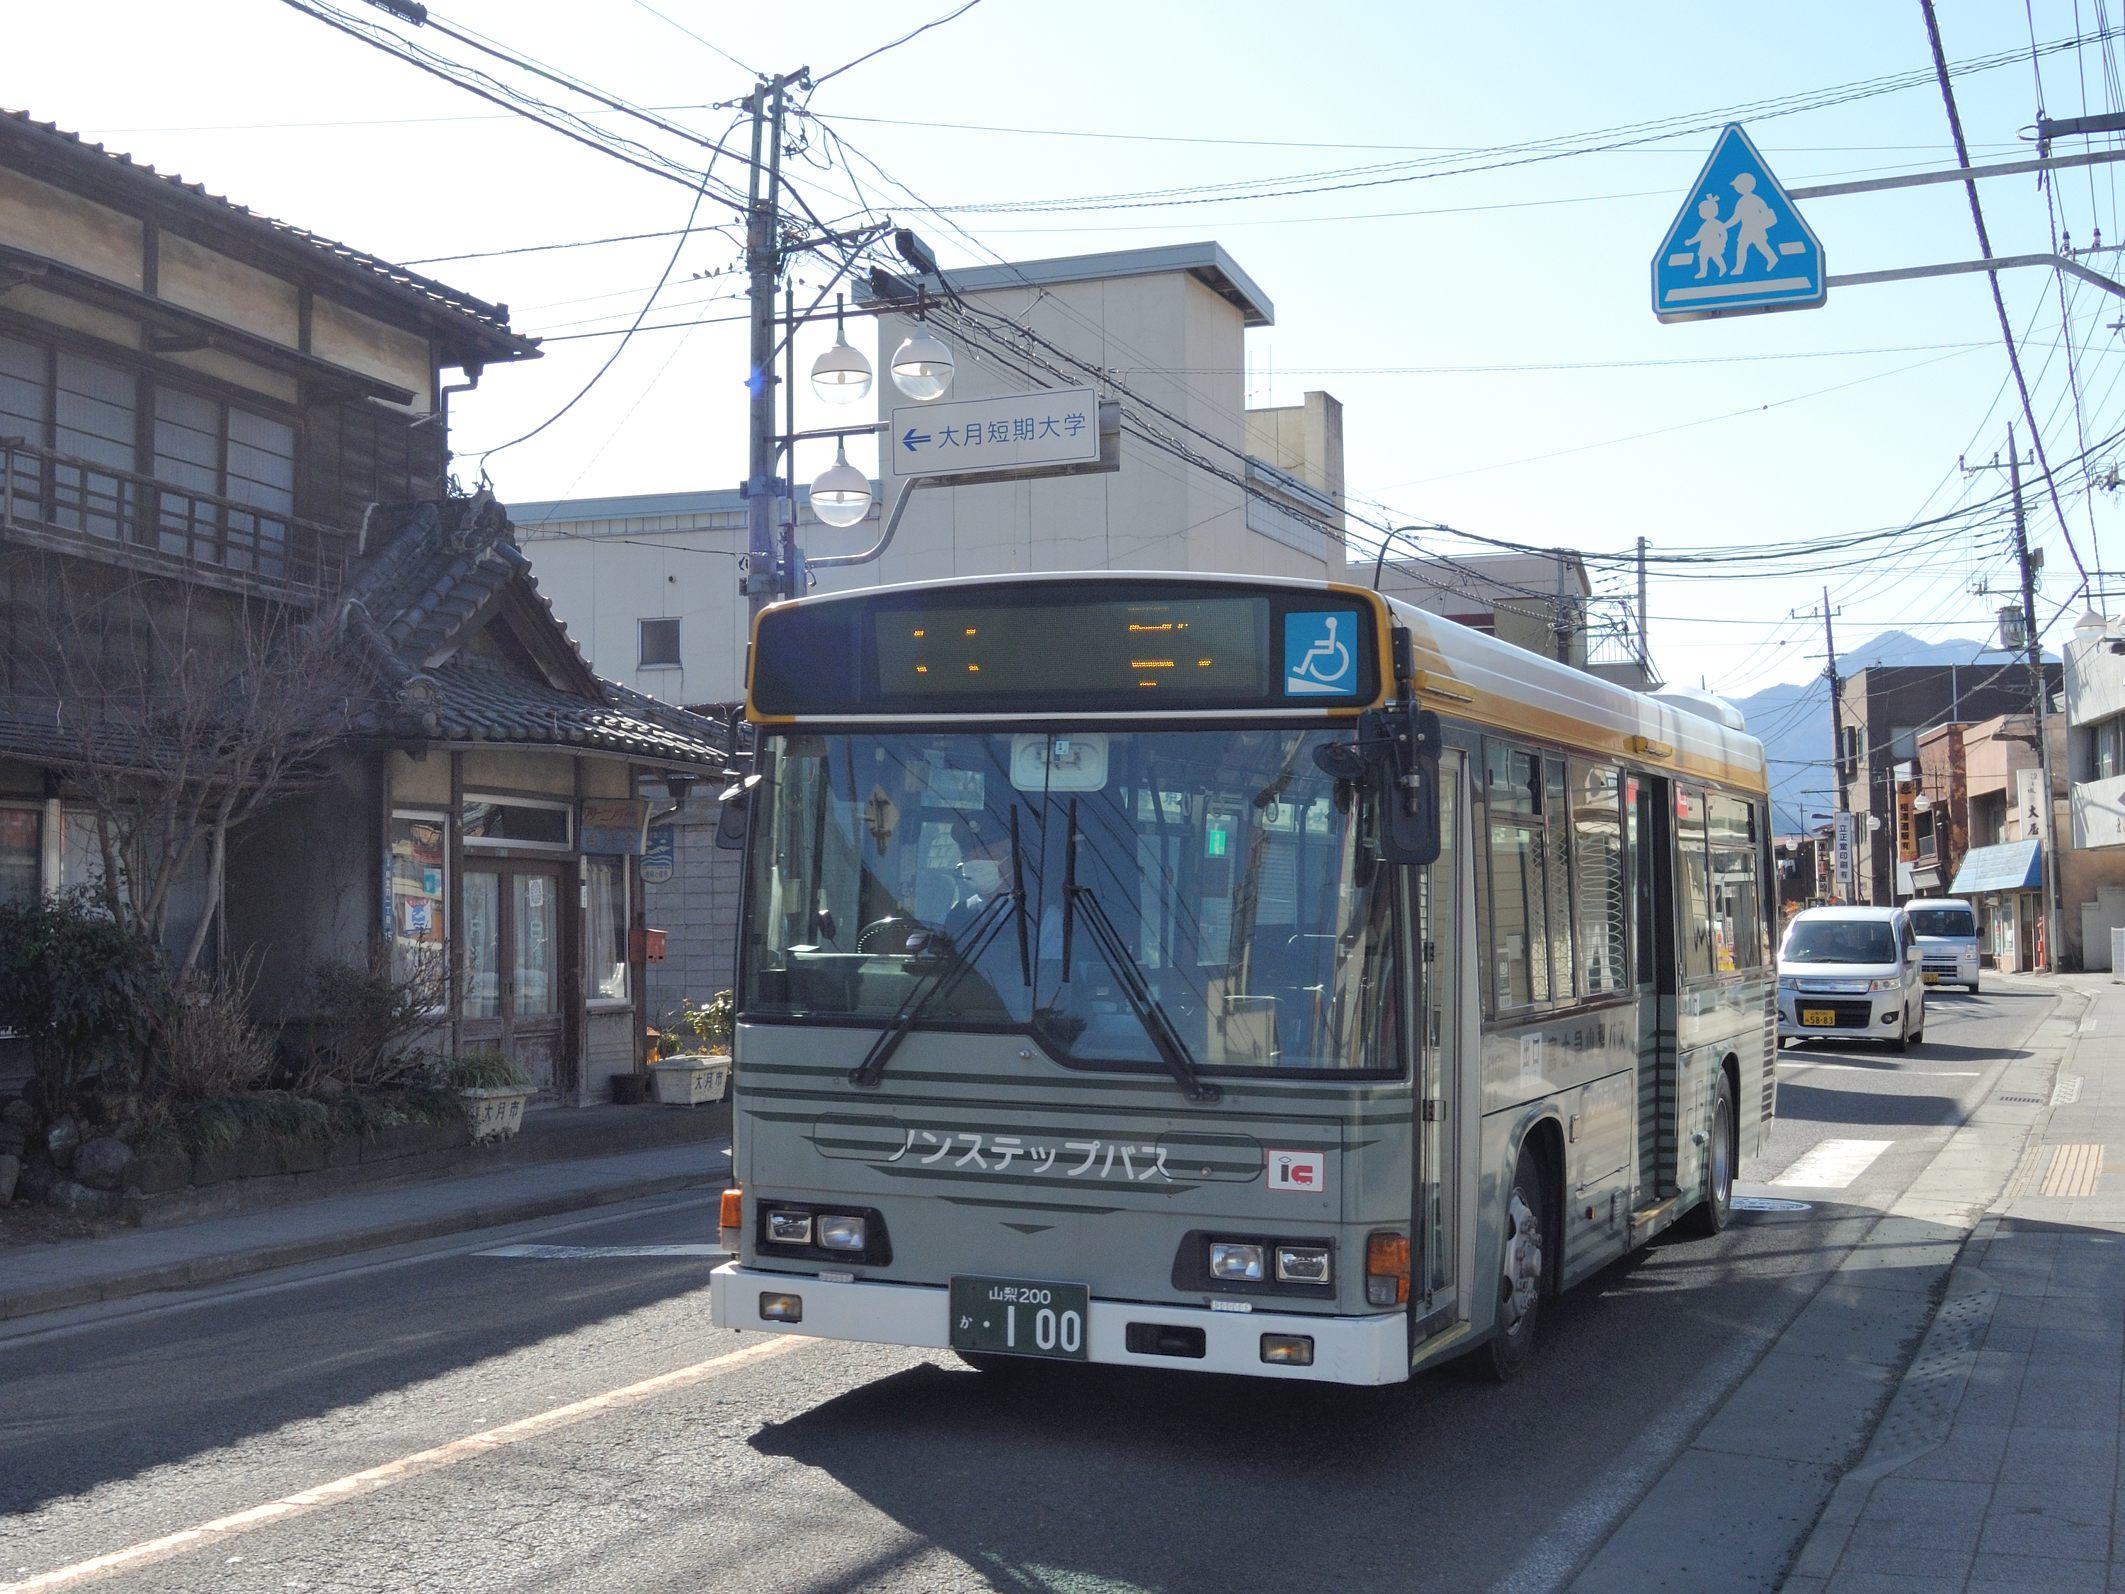 18_14.jpg